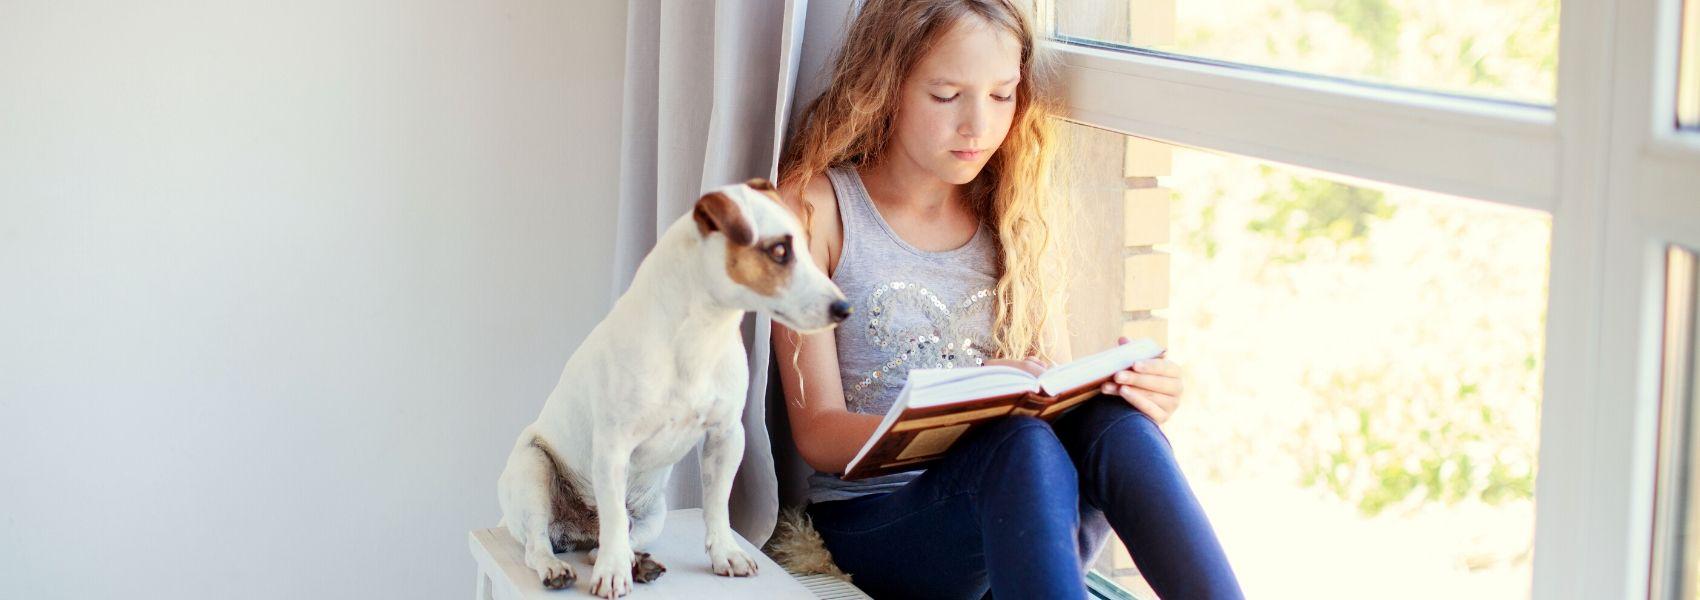 cães ajudam na leitura